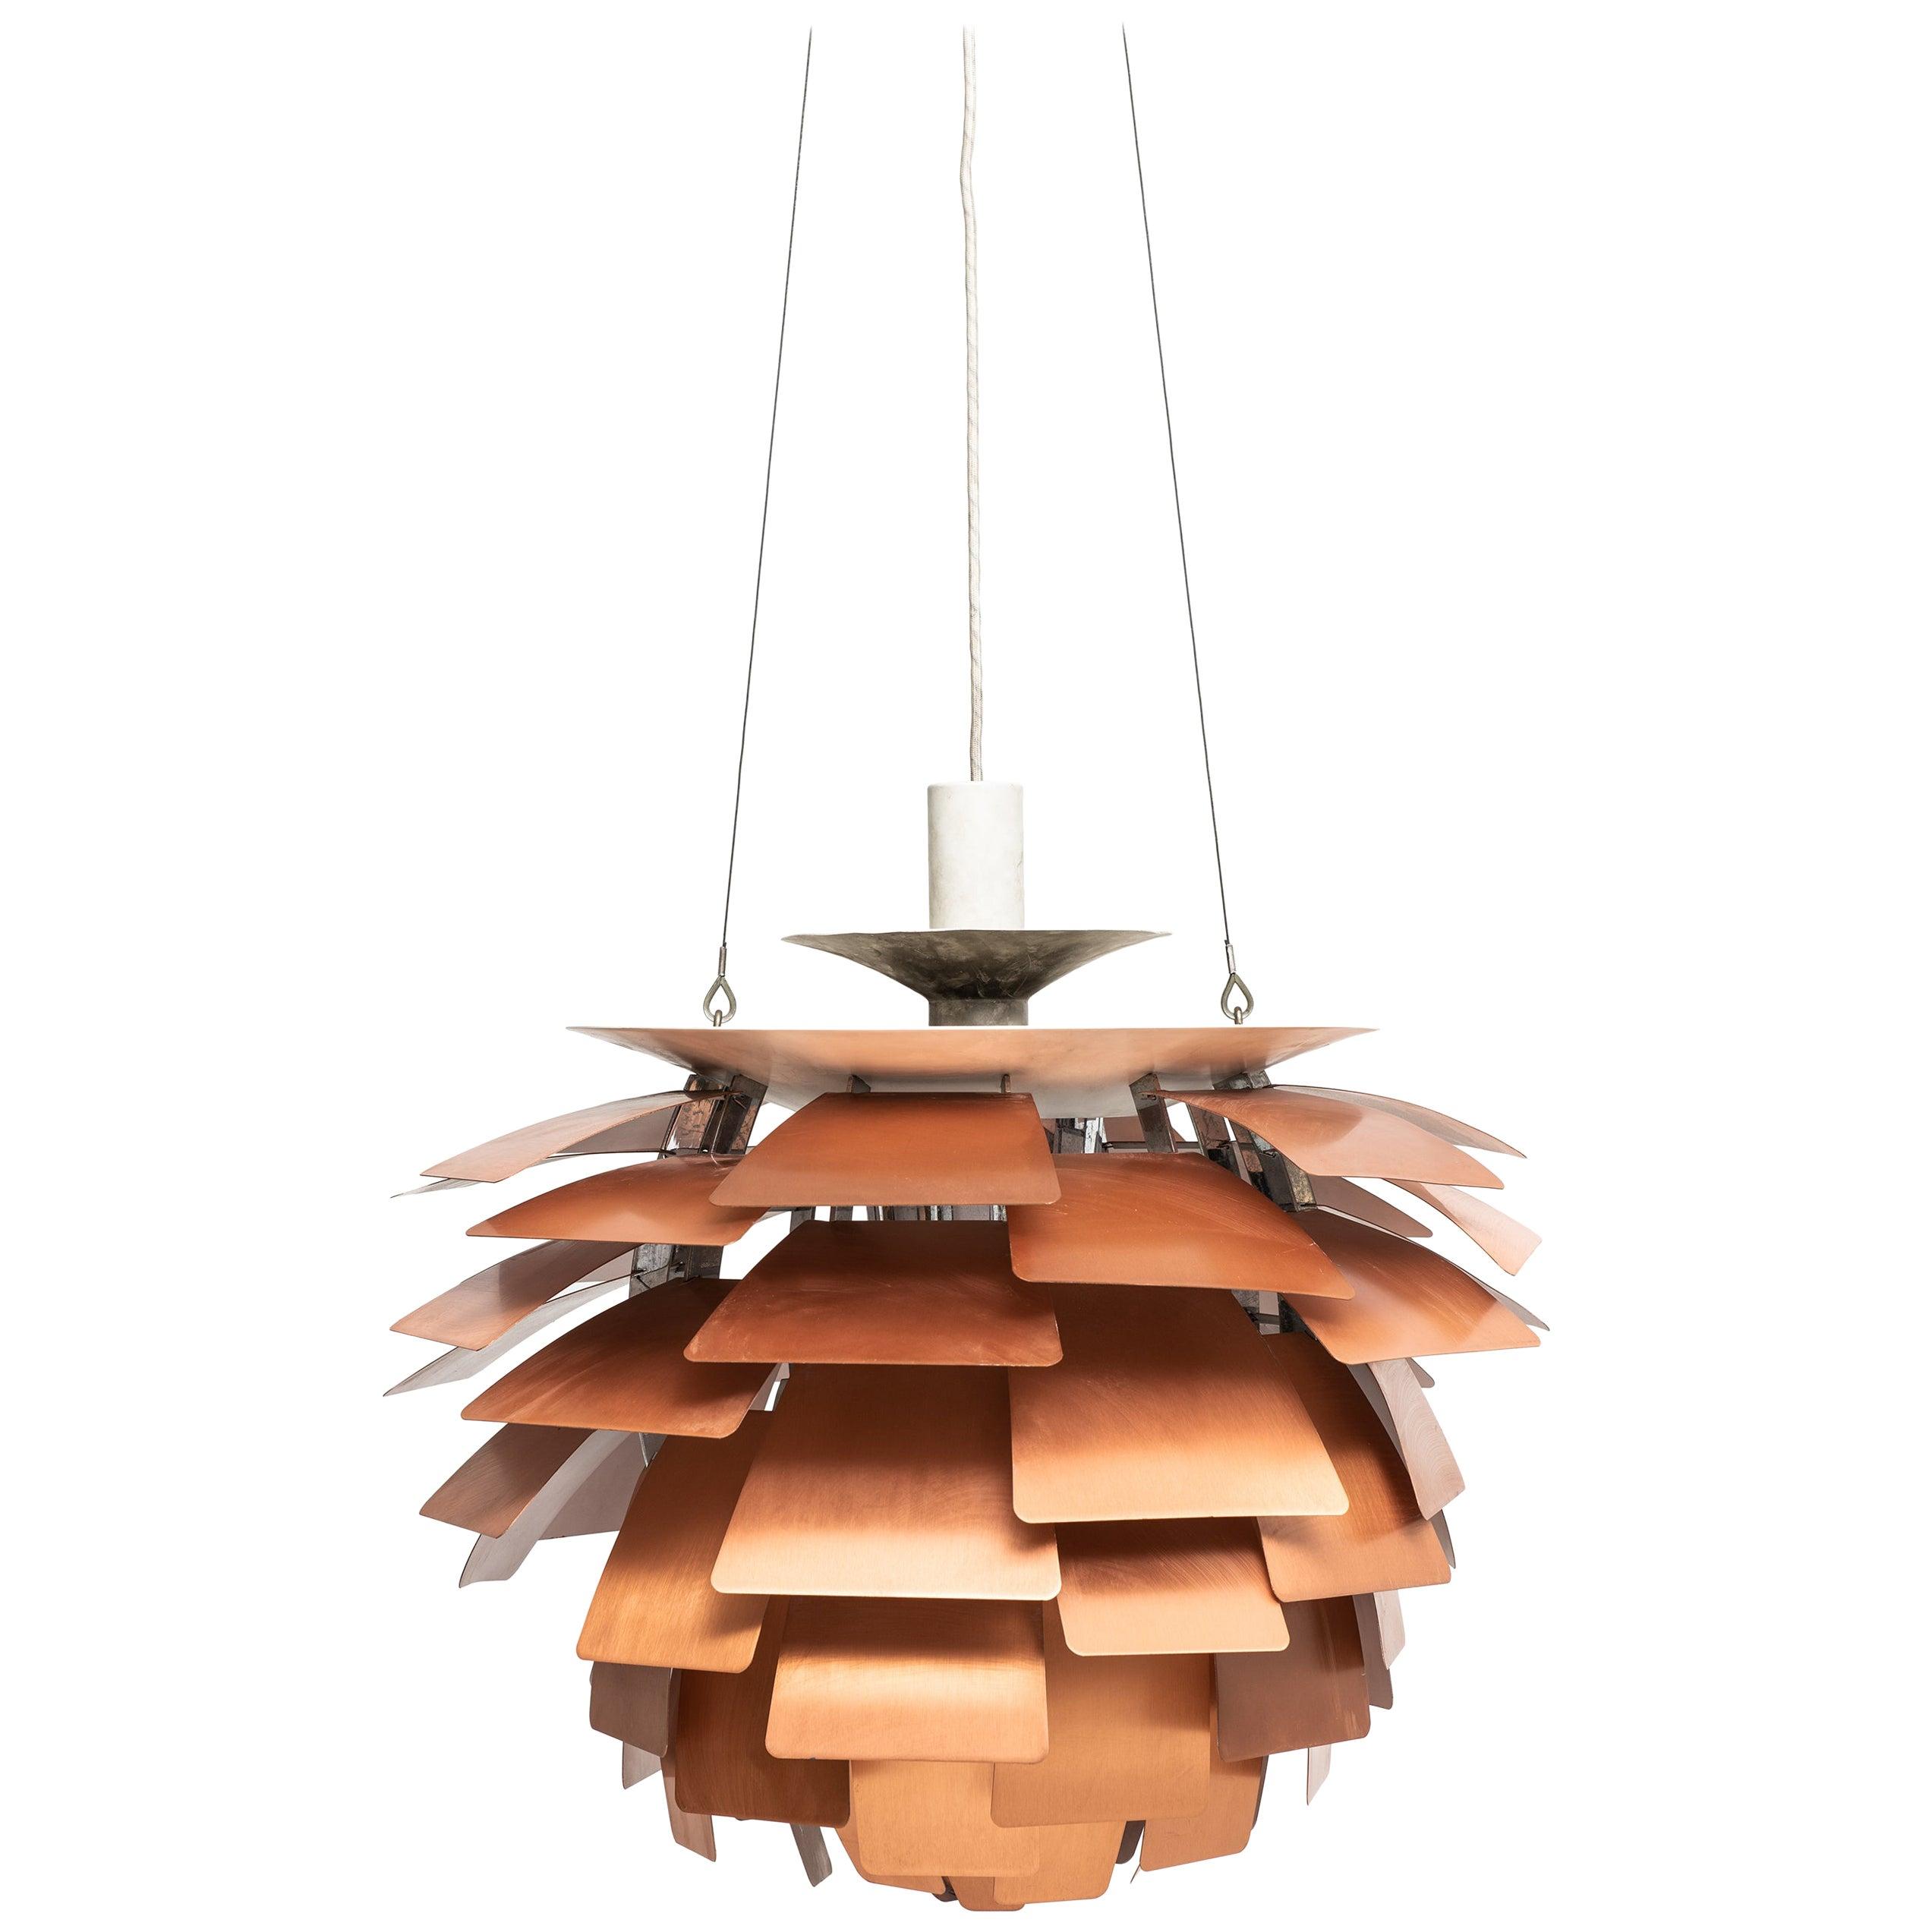 Poul Henningsen Artichoke Ceiling Lamp Produced by Louis Poulsen in Denmark